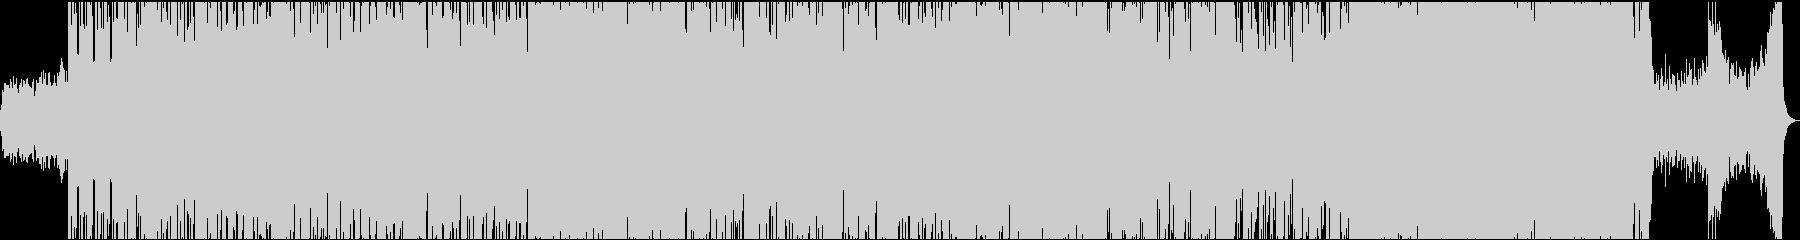 ヒップホップR&B風のポップスの未再生の波形